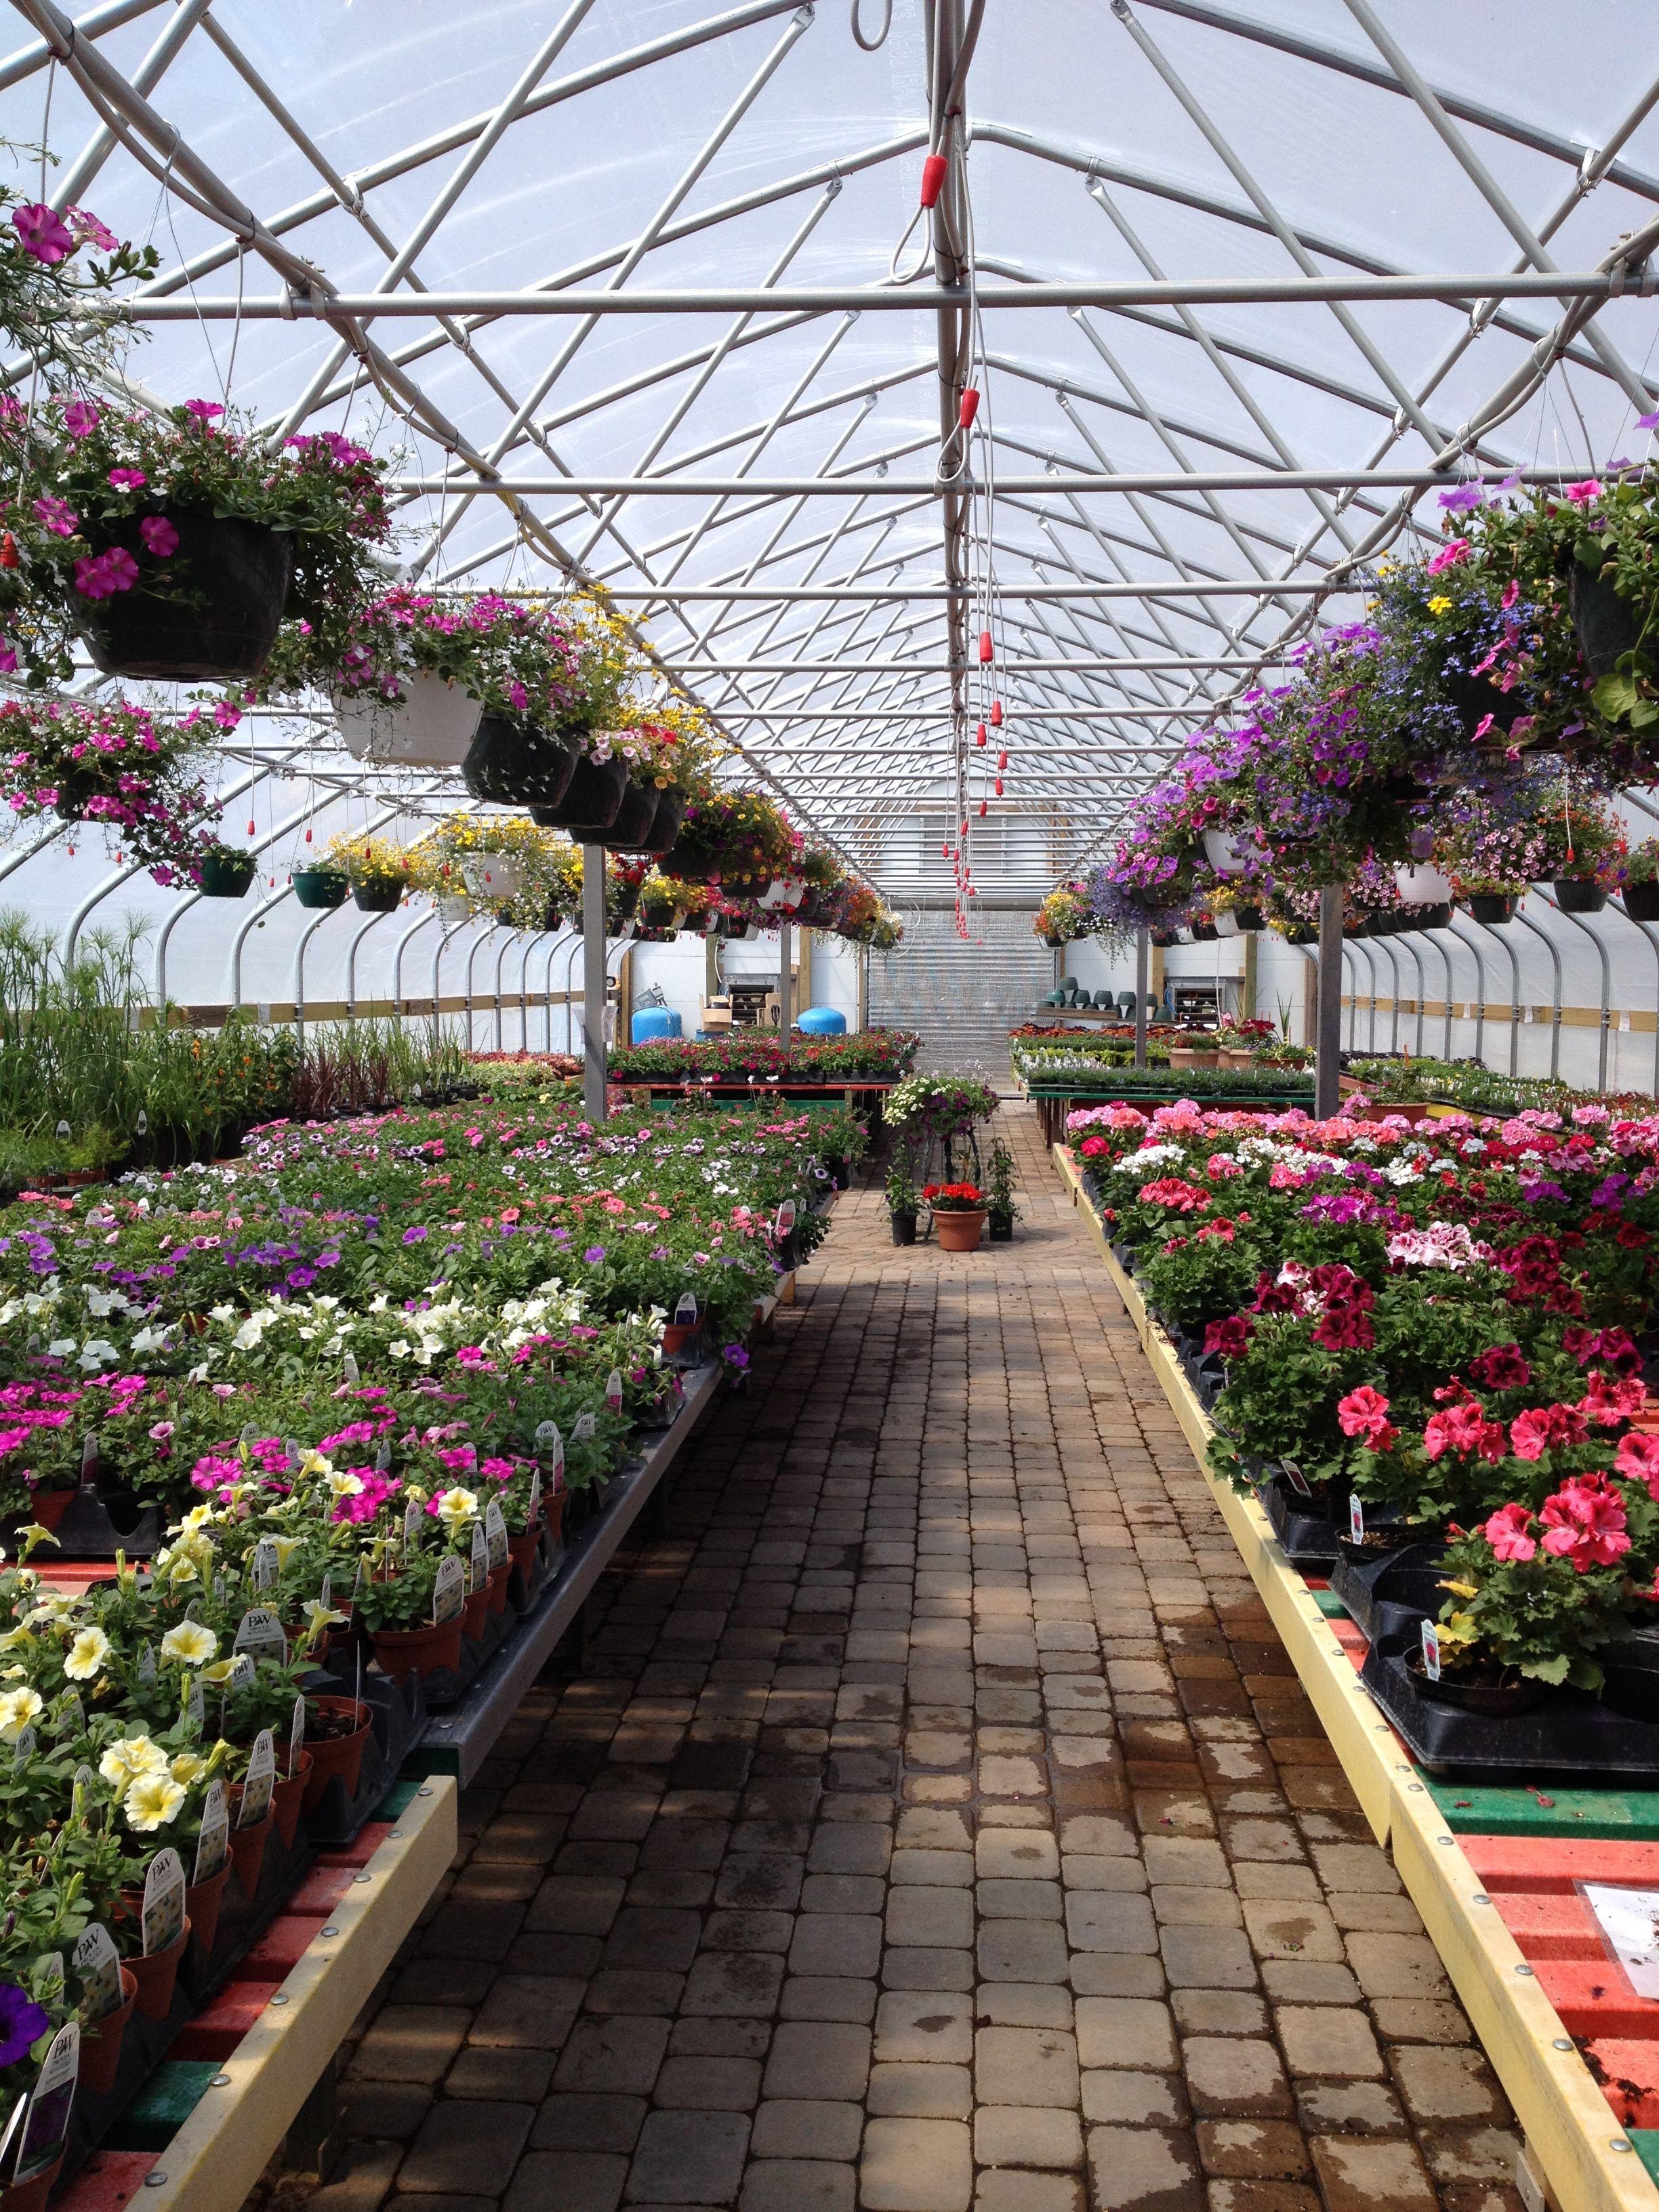 Buxton S Garden Farm Floricultura Plantas Jardim